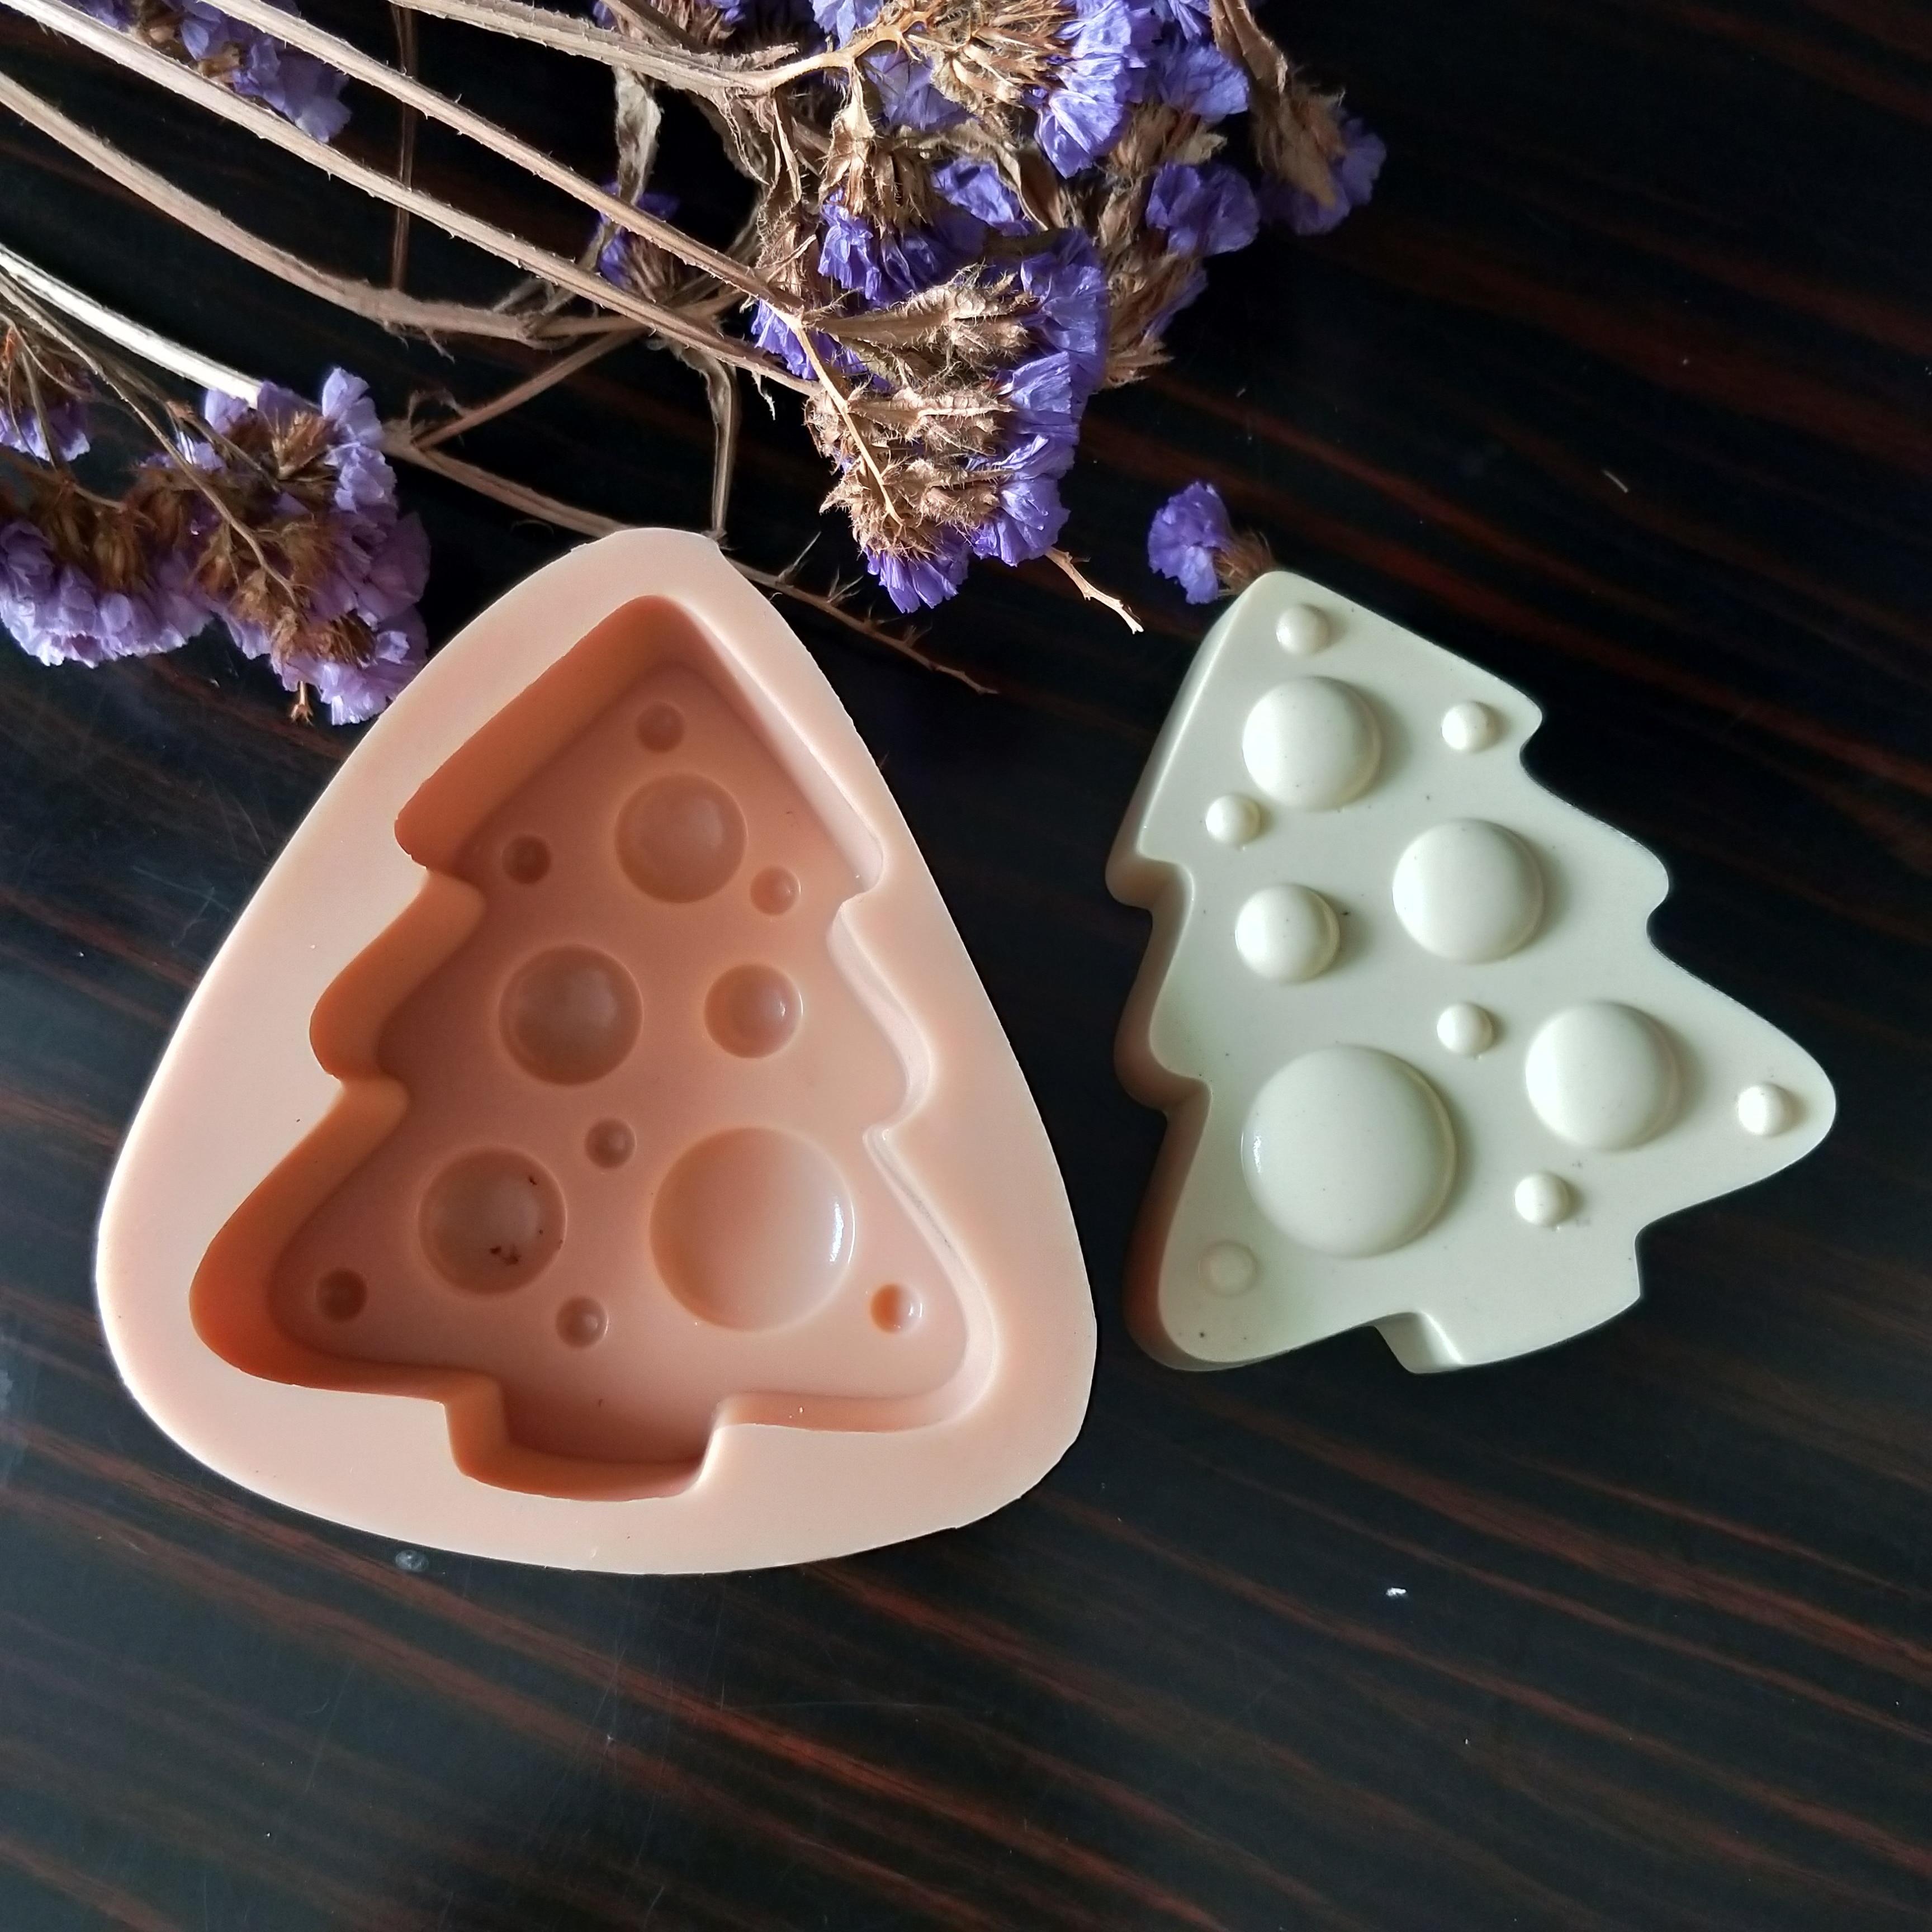 Ano sabonete natal moldes de sabão gesso chocolate vela molde de doces molde de silicone bolha árvore de natal argila resina hc0162 przy novo